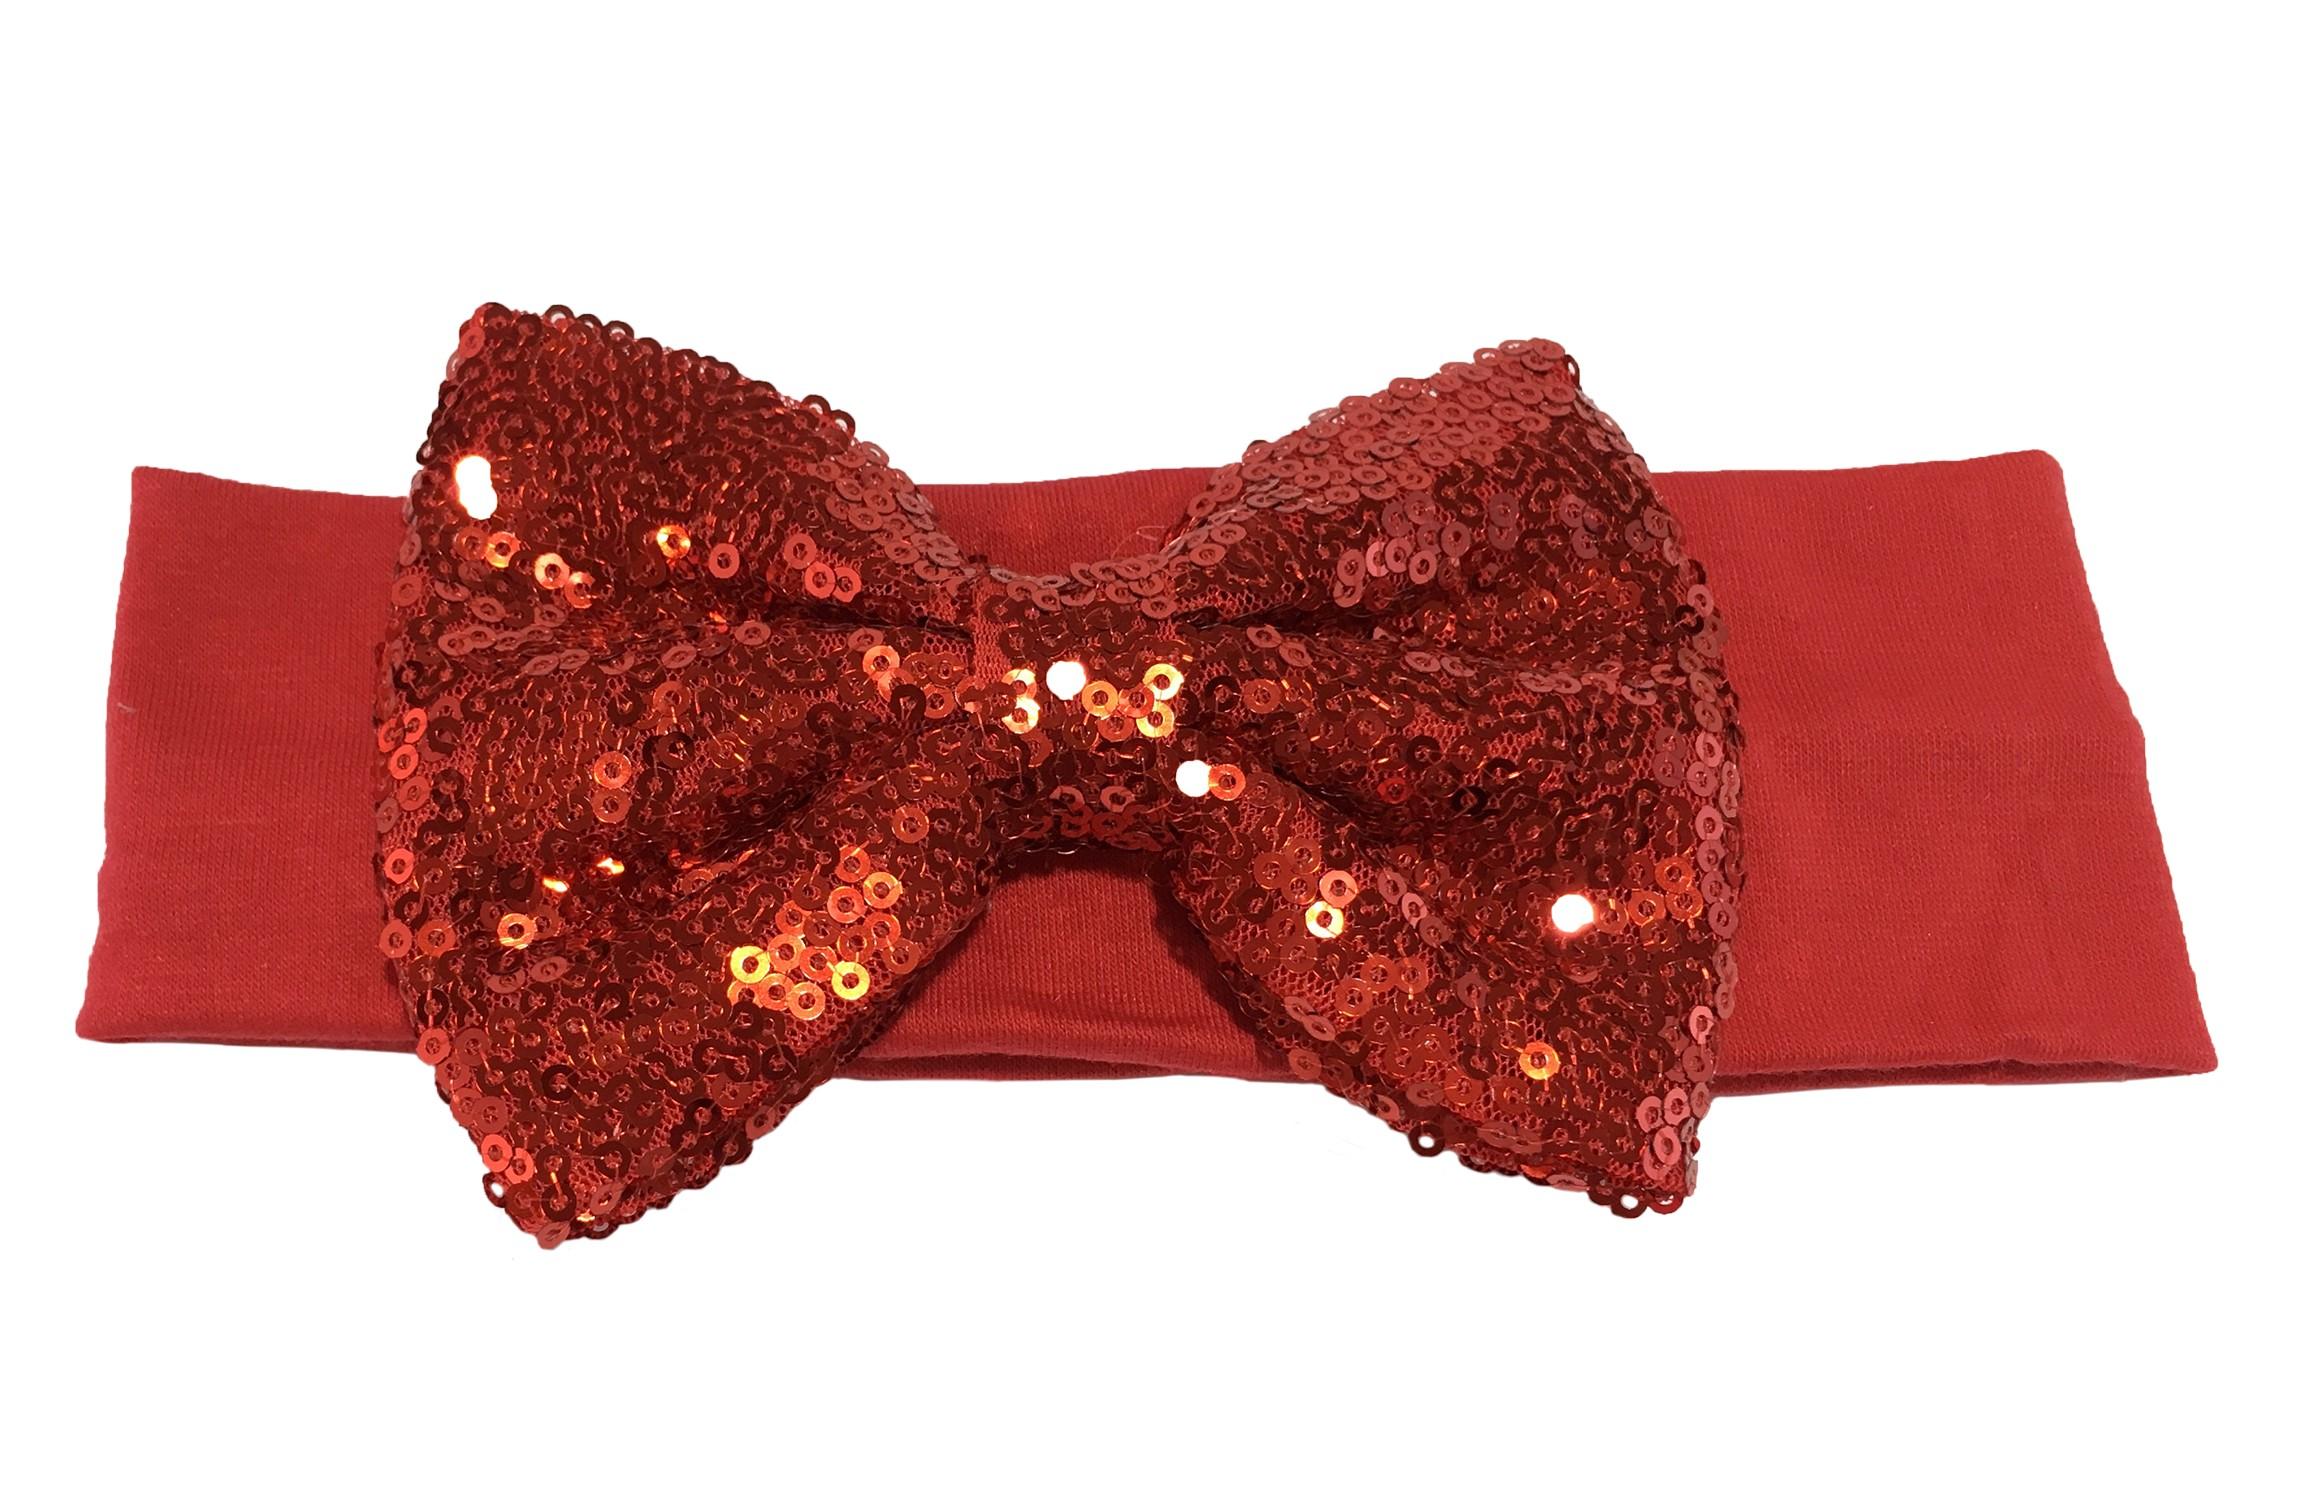 Leuke rode stoffen baby, peuter, meisjes haarband.  Van zachte rekbare stof.  Met een grote rode strik met pailletjes van ongeveer 11 centimeter breed. Niet uitgerekt is het haarbandje ongeveer 18 centimeter en 5.5 centimeter breed.